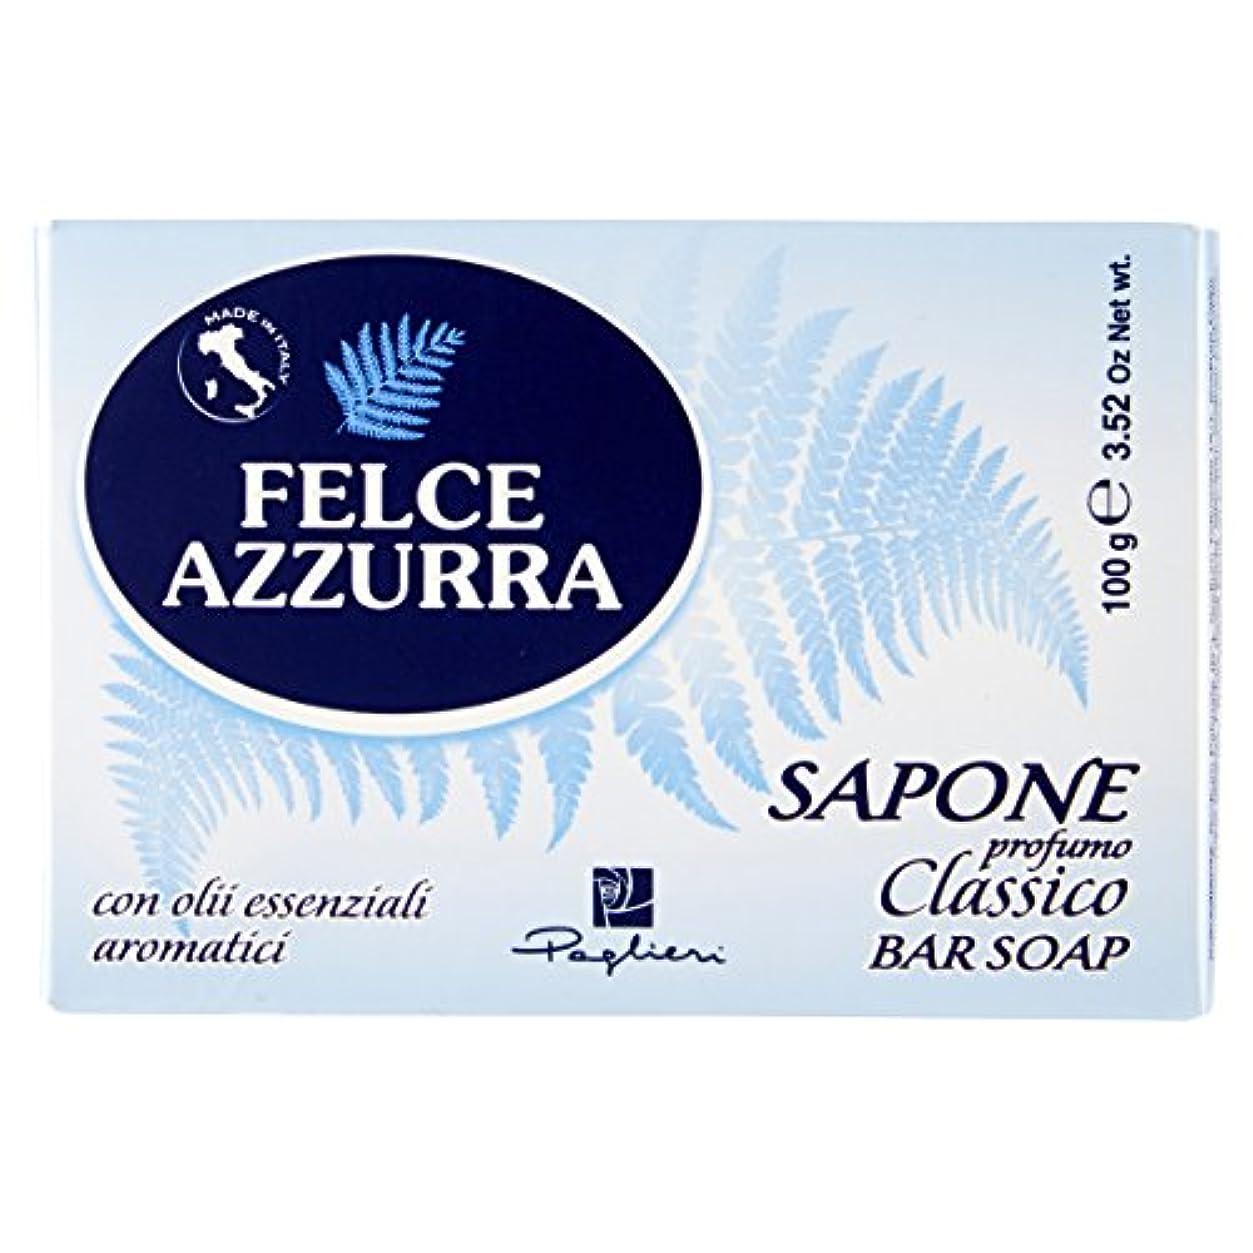 シマウマ再生可能うなり声Felce Azzurra Classico Bar Soap 100g soap by Felce Azzurra by Felce Azzurra